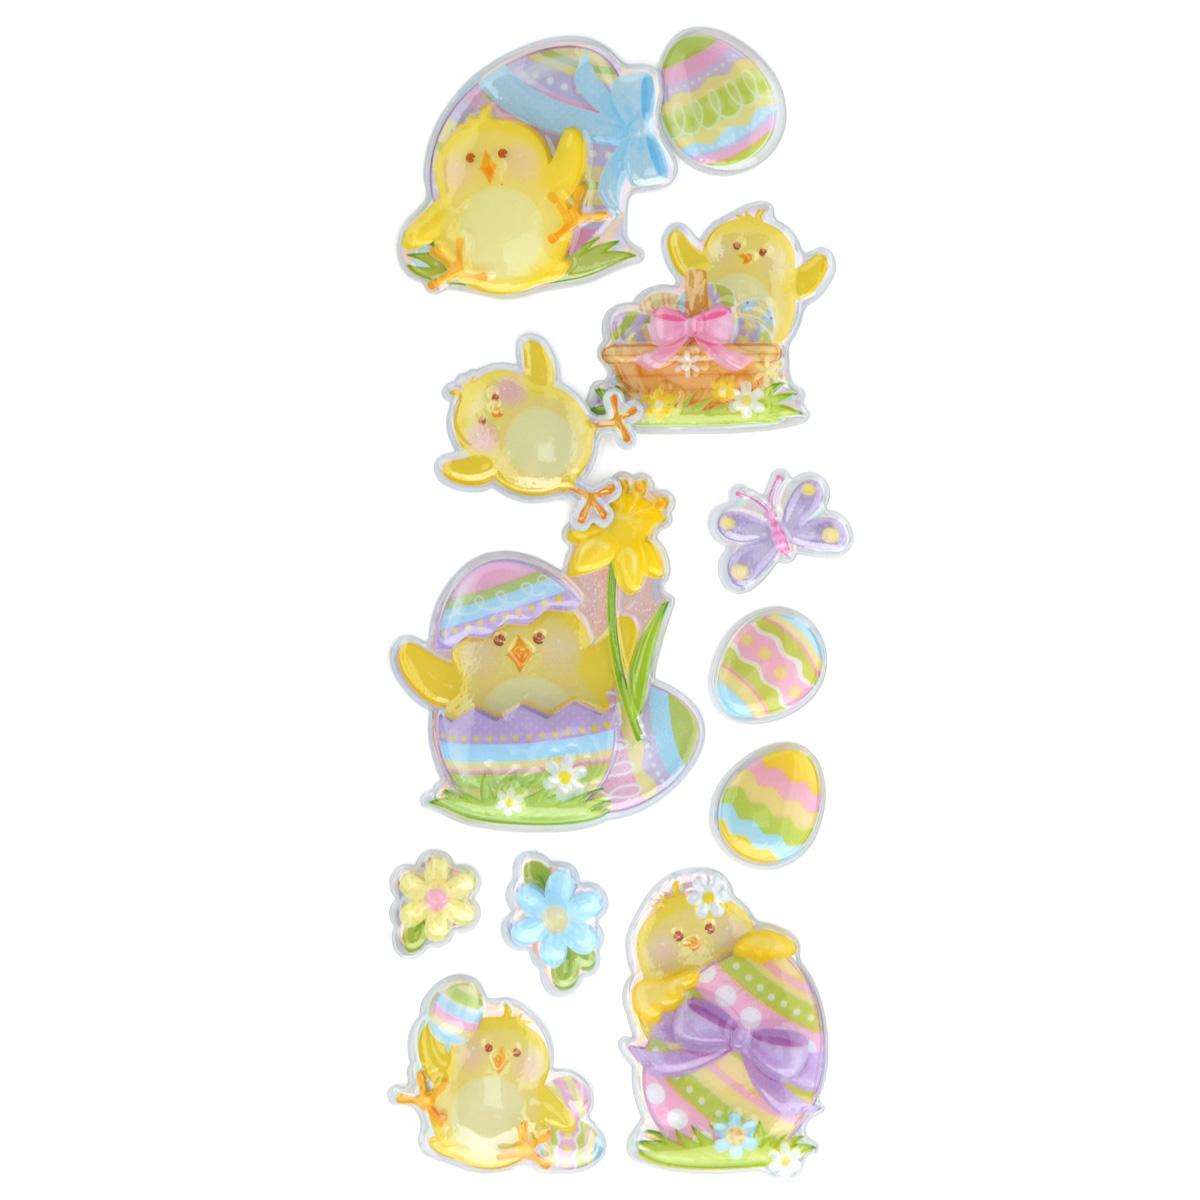 Набор объемных наклеек Home Queen Цыпленок с нарциссом, 12 шт60882_3Набор объемных наклеек Home Queen Цыпленок с нарциссом прекрасно подойдет для оформления творческих работ. Их можно использовать для скрапбукинга, украшения упаковок, подарков и конвертов, открыток, декорирования коллажей, фотографий, изделий ручной работы и предметов интерьера. Объемные наклейки выполнены из ПВХ. Задняя сторона клейкая. В наборе - 12 объемных наклеек, выполненных в виде цыпленка, пасхальных яиц и цветов. Такой набор украшений создаст атмосферу праздника в вашем доме. Комплектация: 12 шт.Средний размер наклейки: 4,5 см х 4,5 см.